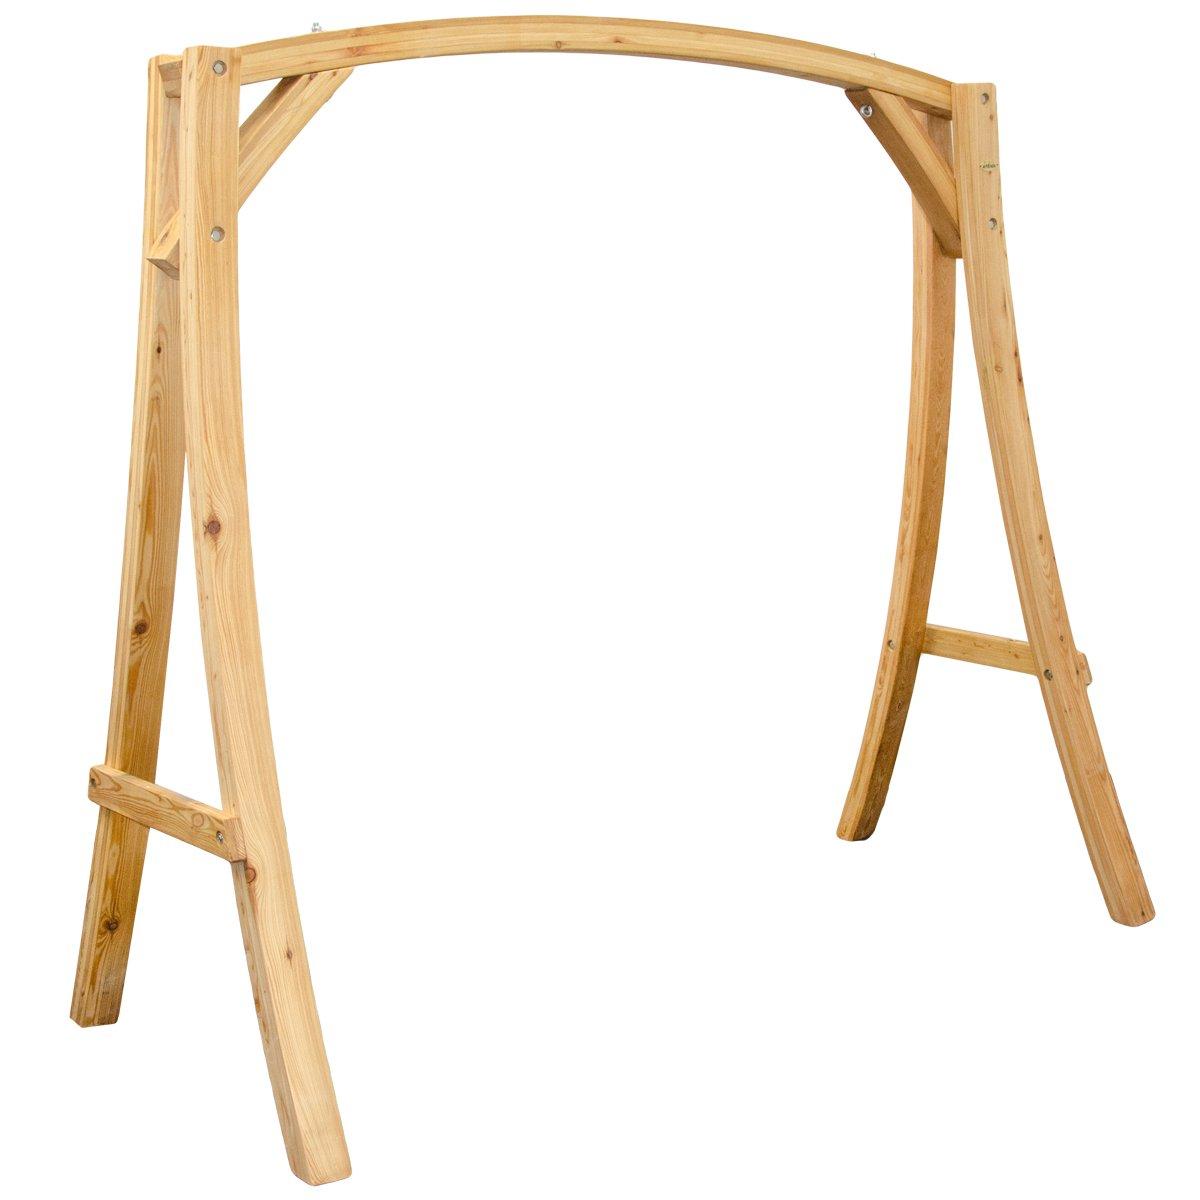 Holzgestell Gestell für Hollywoodschaukel aus Holz Lärche | T/B/H ca. 205x105x198 cm | für Innen und Außen